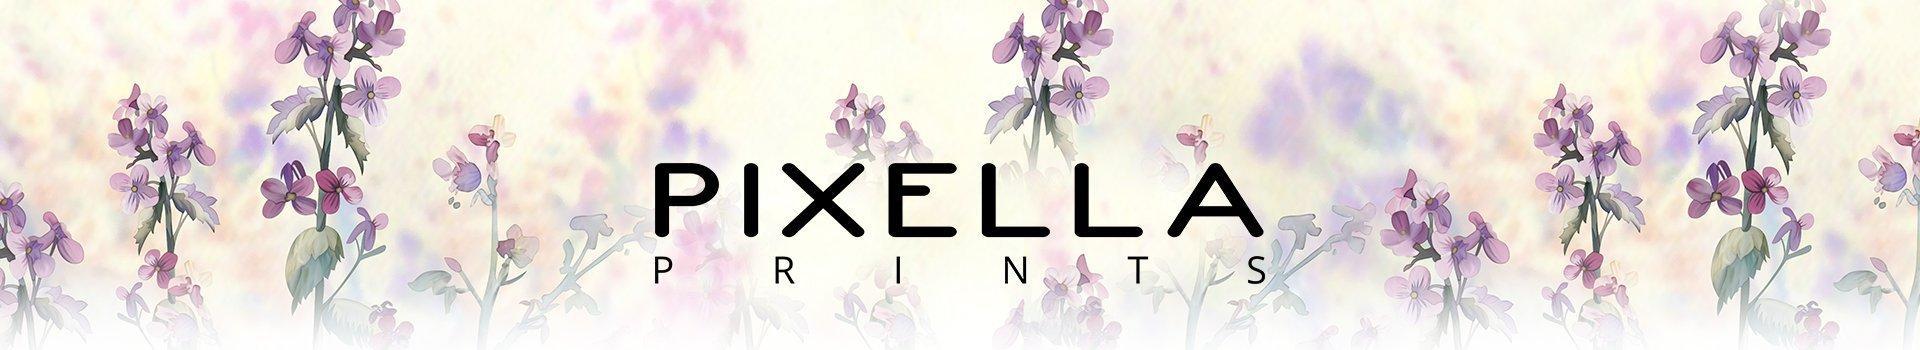 PIXELLA PRINTS